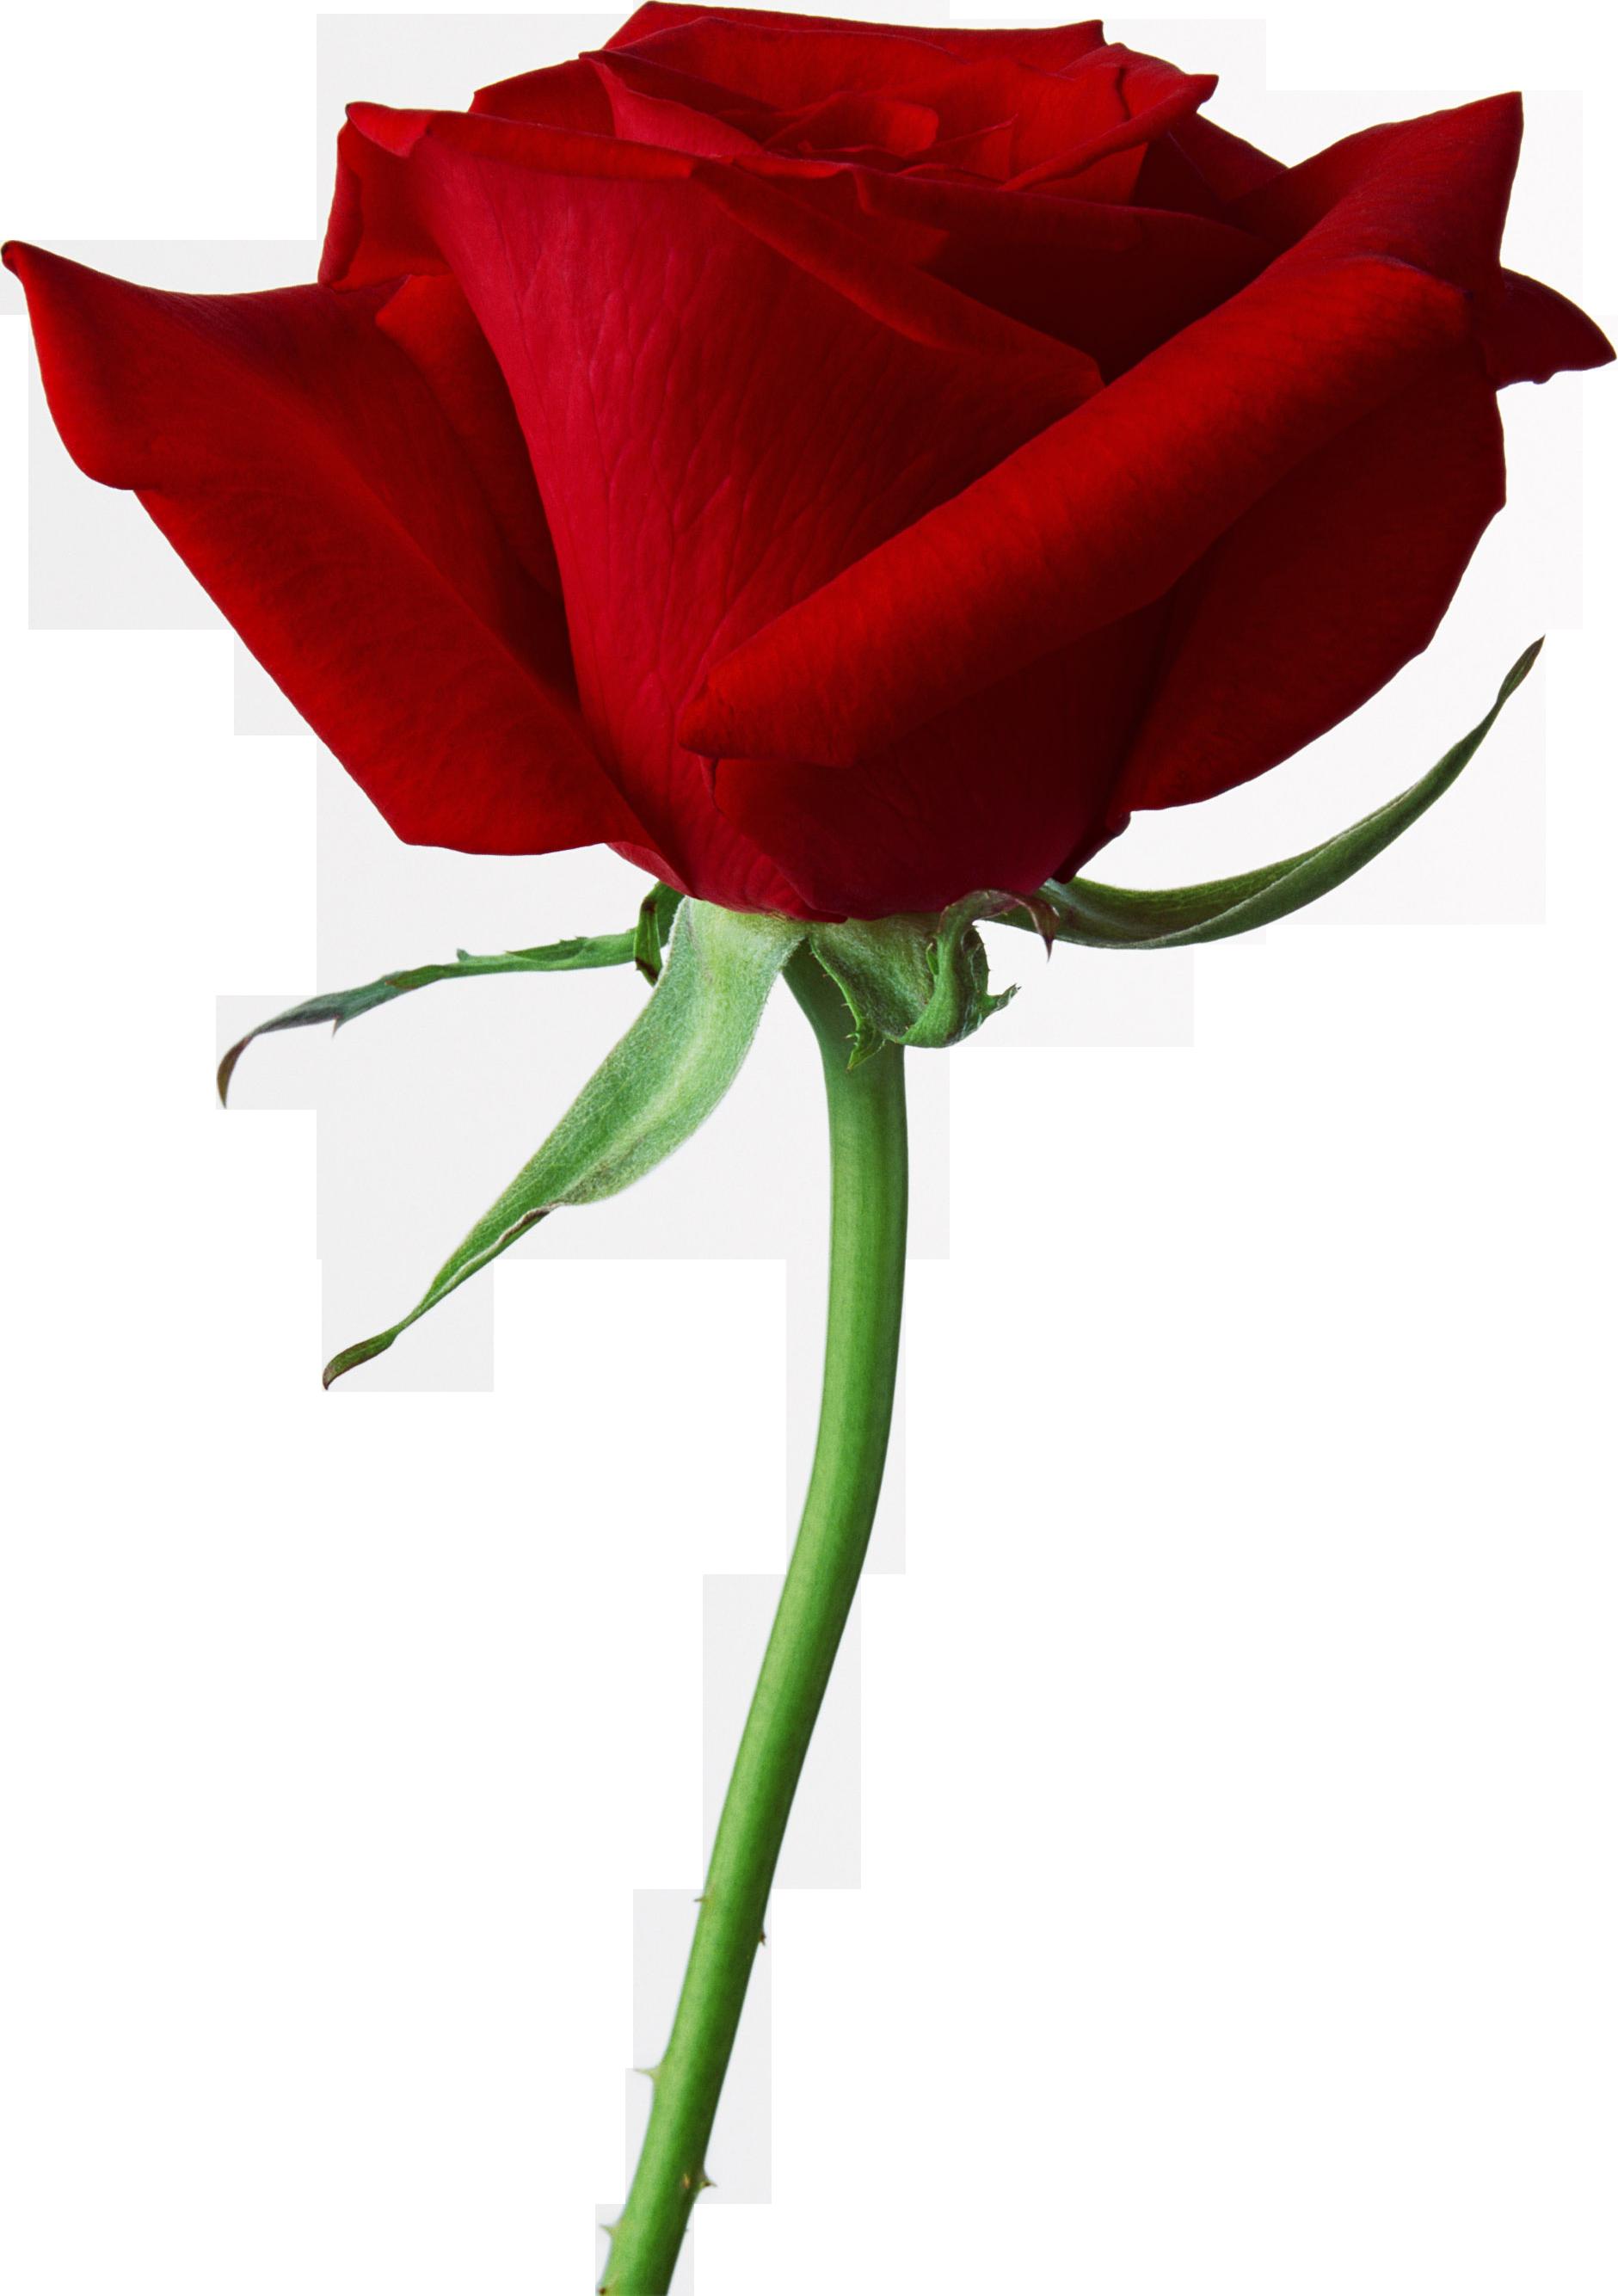 Pic qygjxz x px. Rose png images